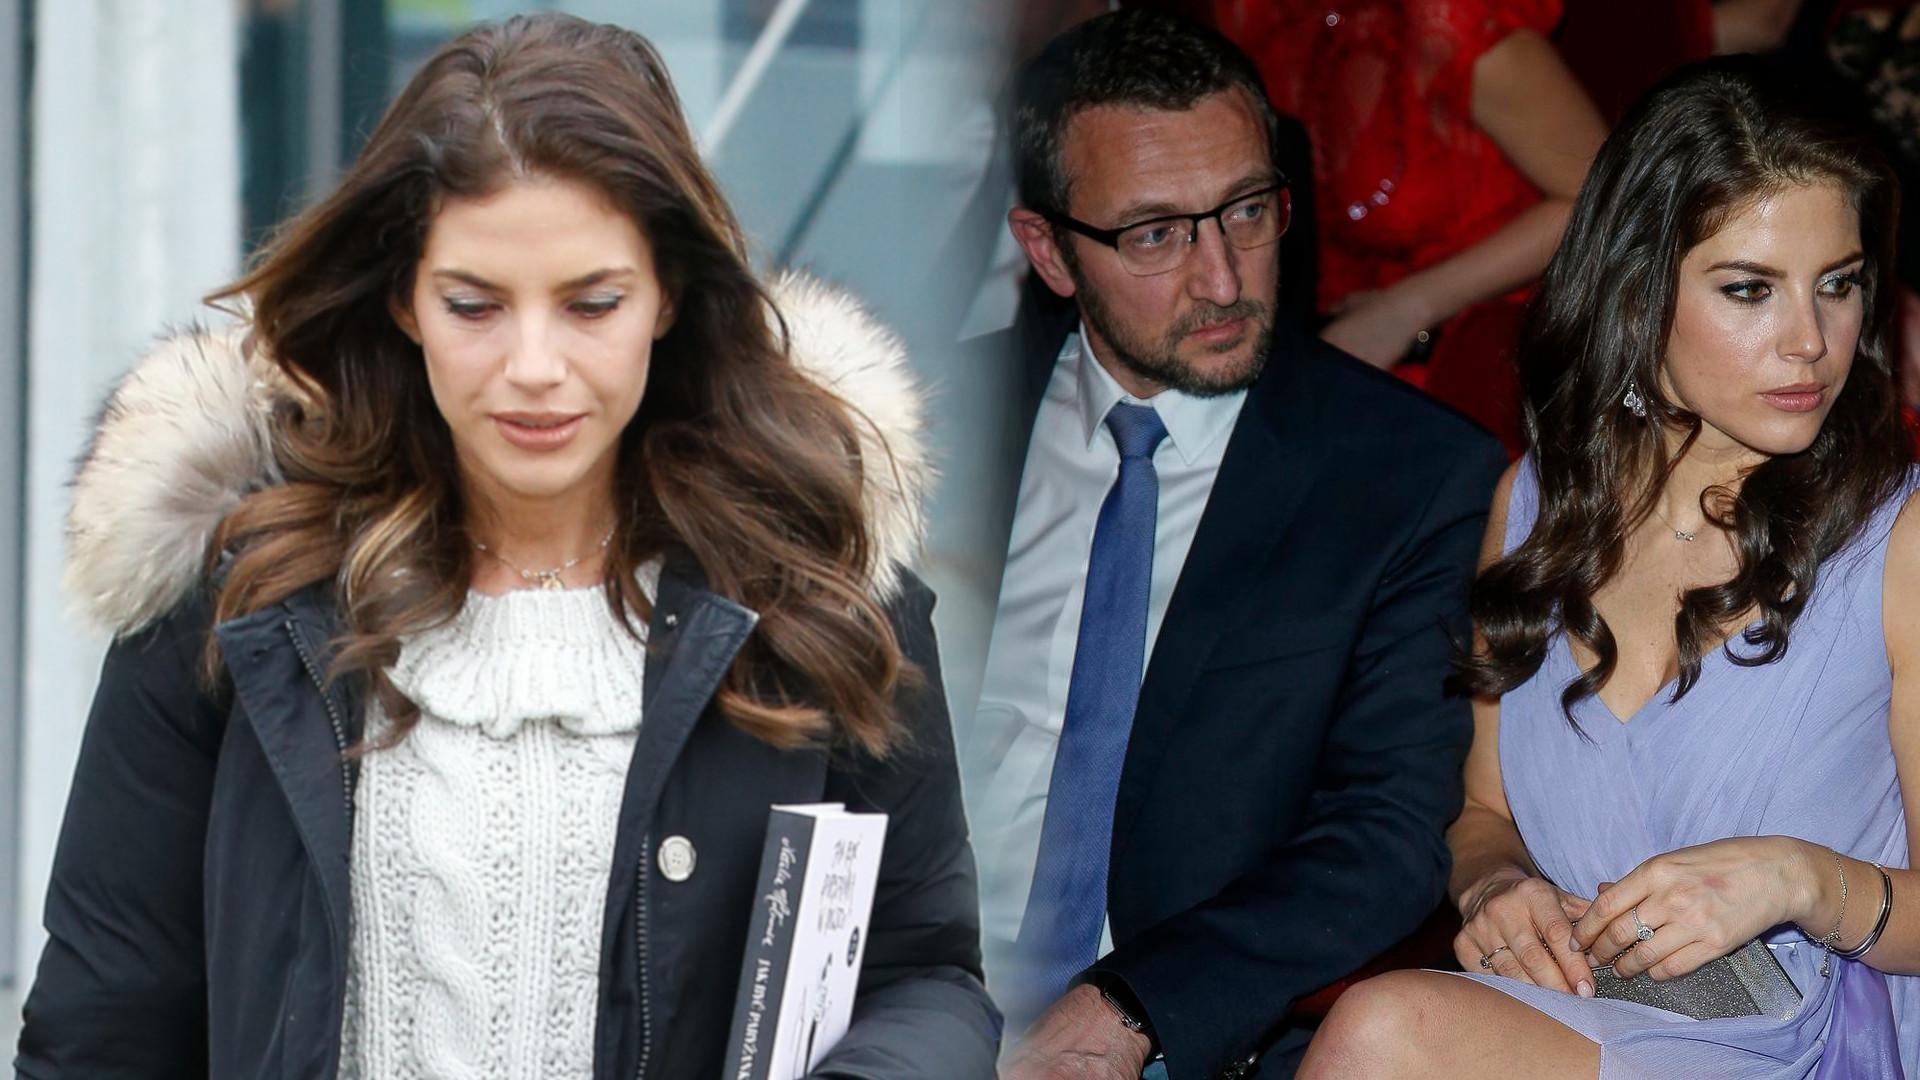 Zapadł wyrok w sprawie opieki nad córką Weroniki Rosati – Robert Śmigielski ma ograniczone prawa rodzicielskie